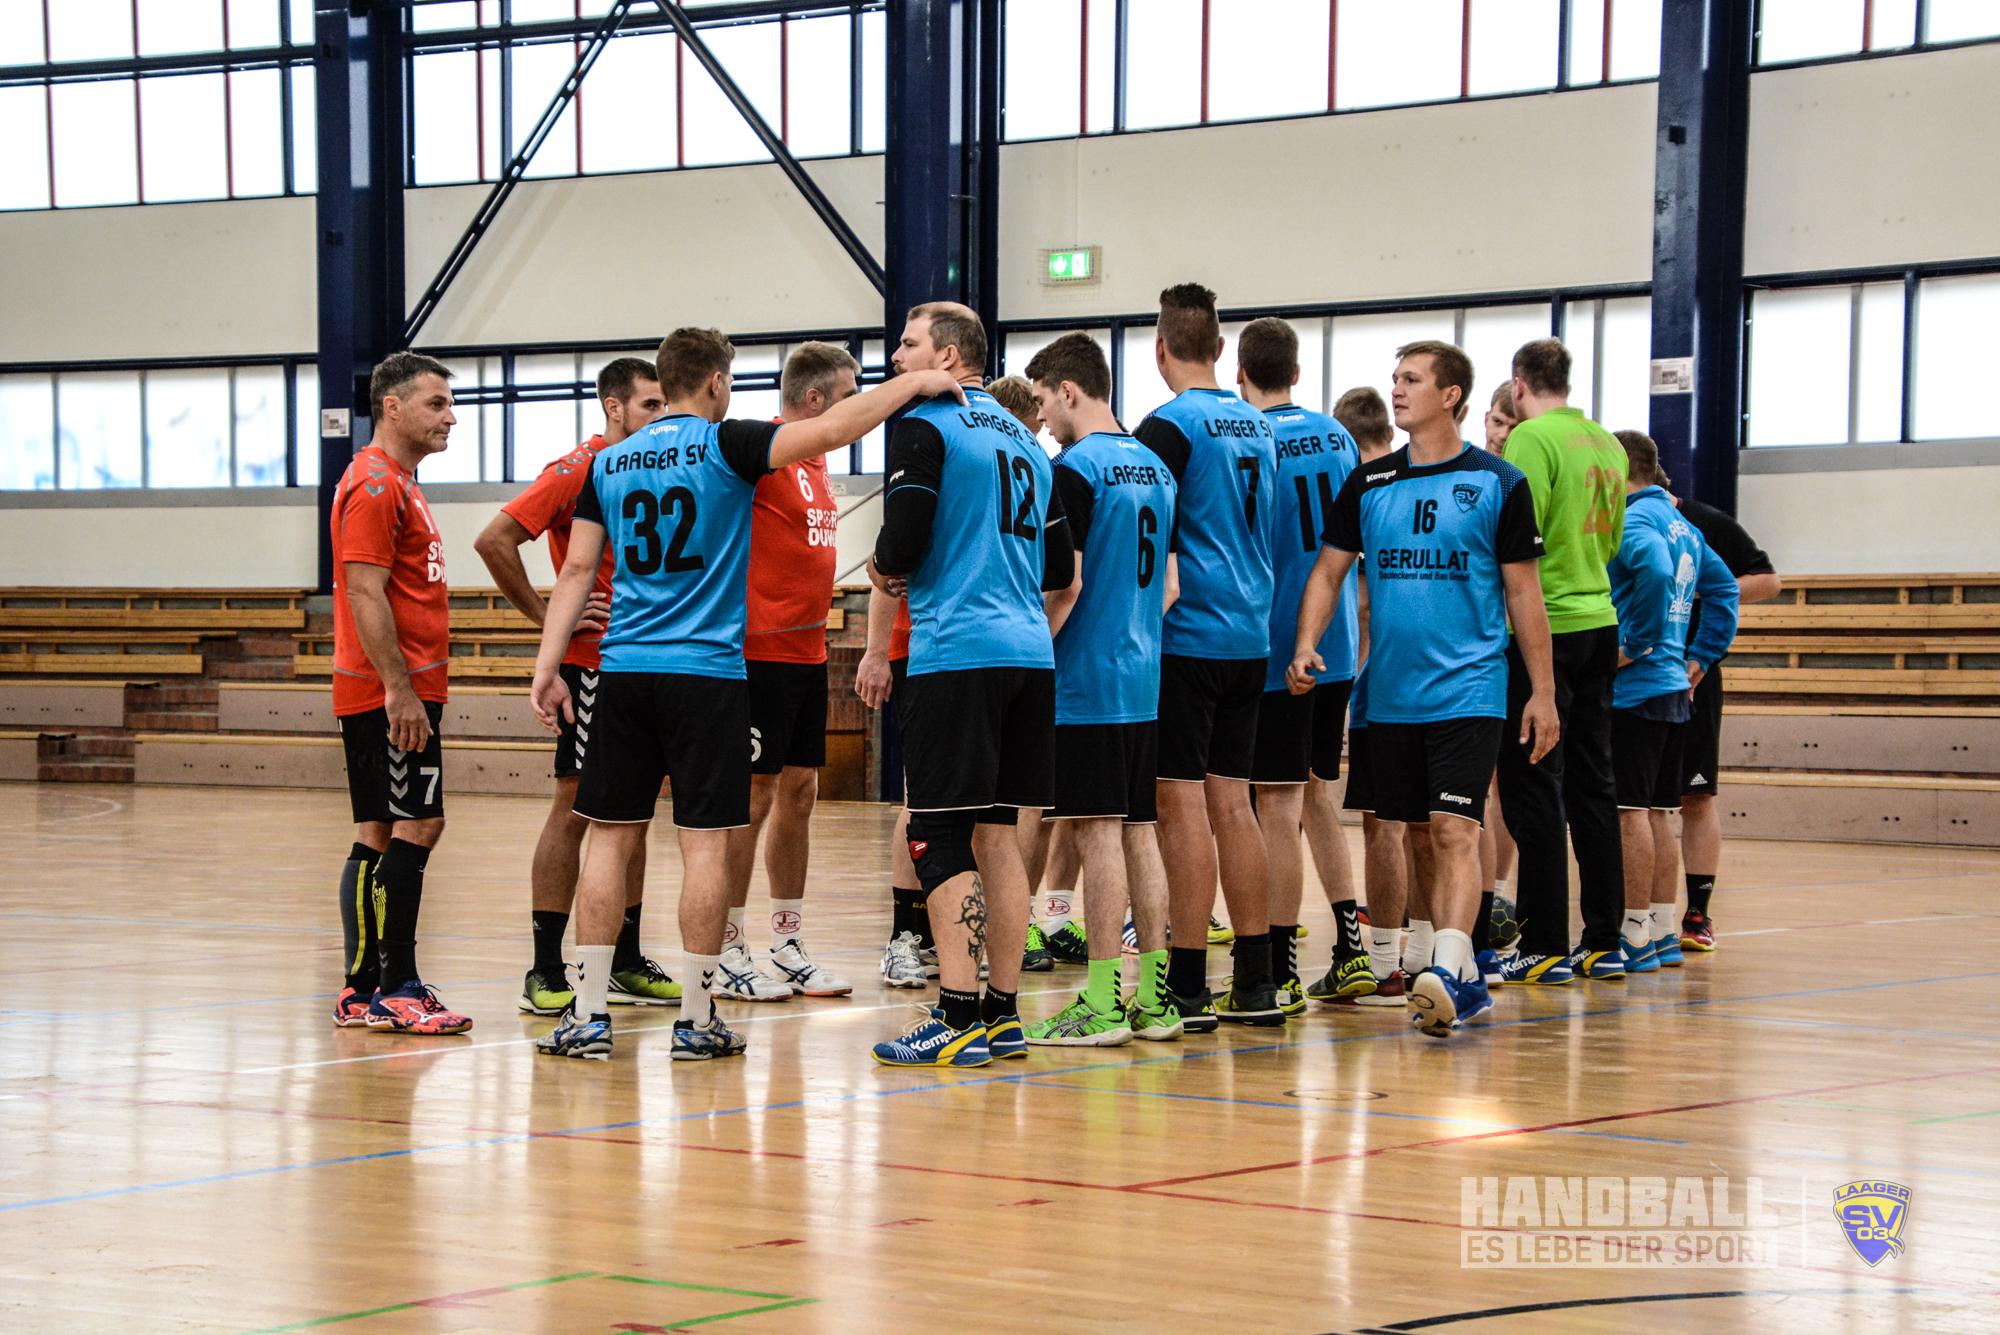 20180923 SV Warnemünde IV - Laager SV 03 Handball Männer (6).jpg